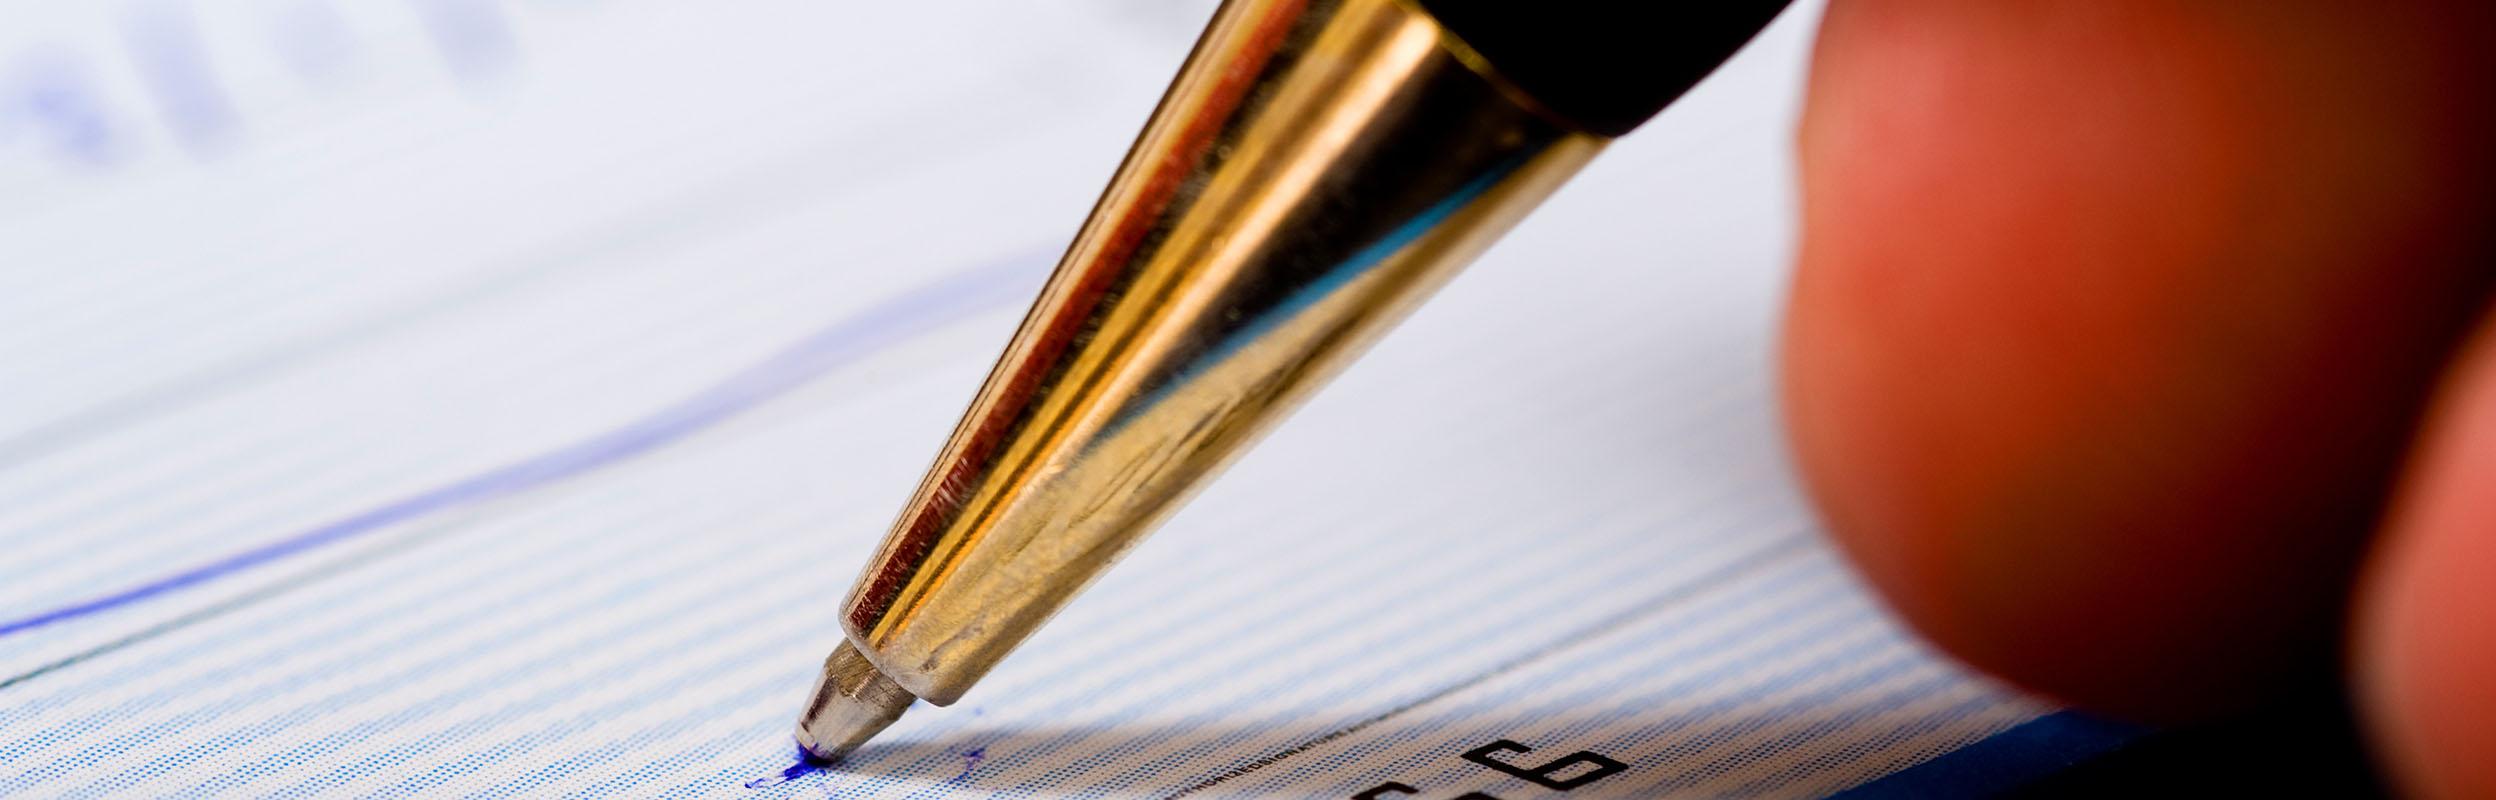 Le Cheque Les Conseils Pour Bien L Utiliser Article Cic